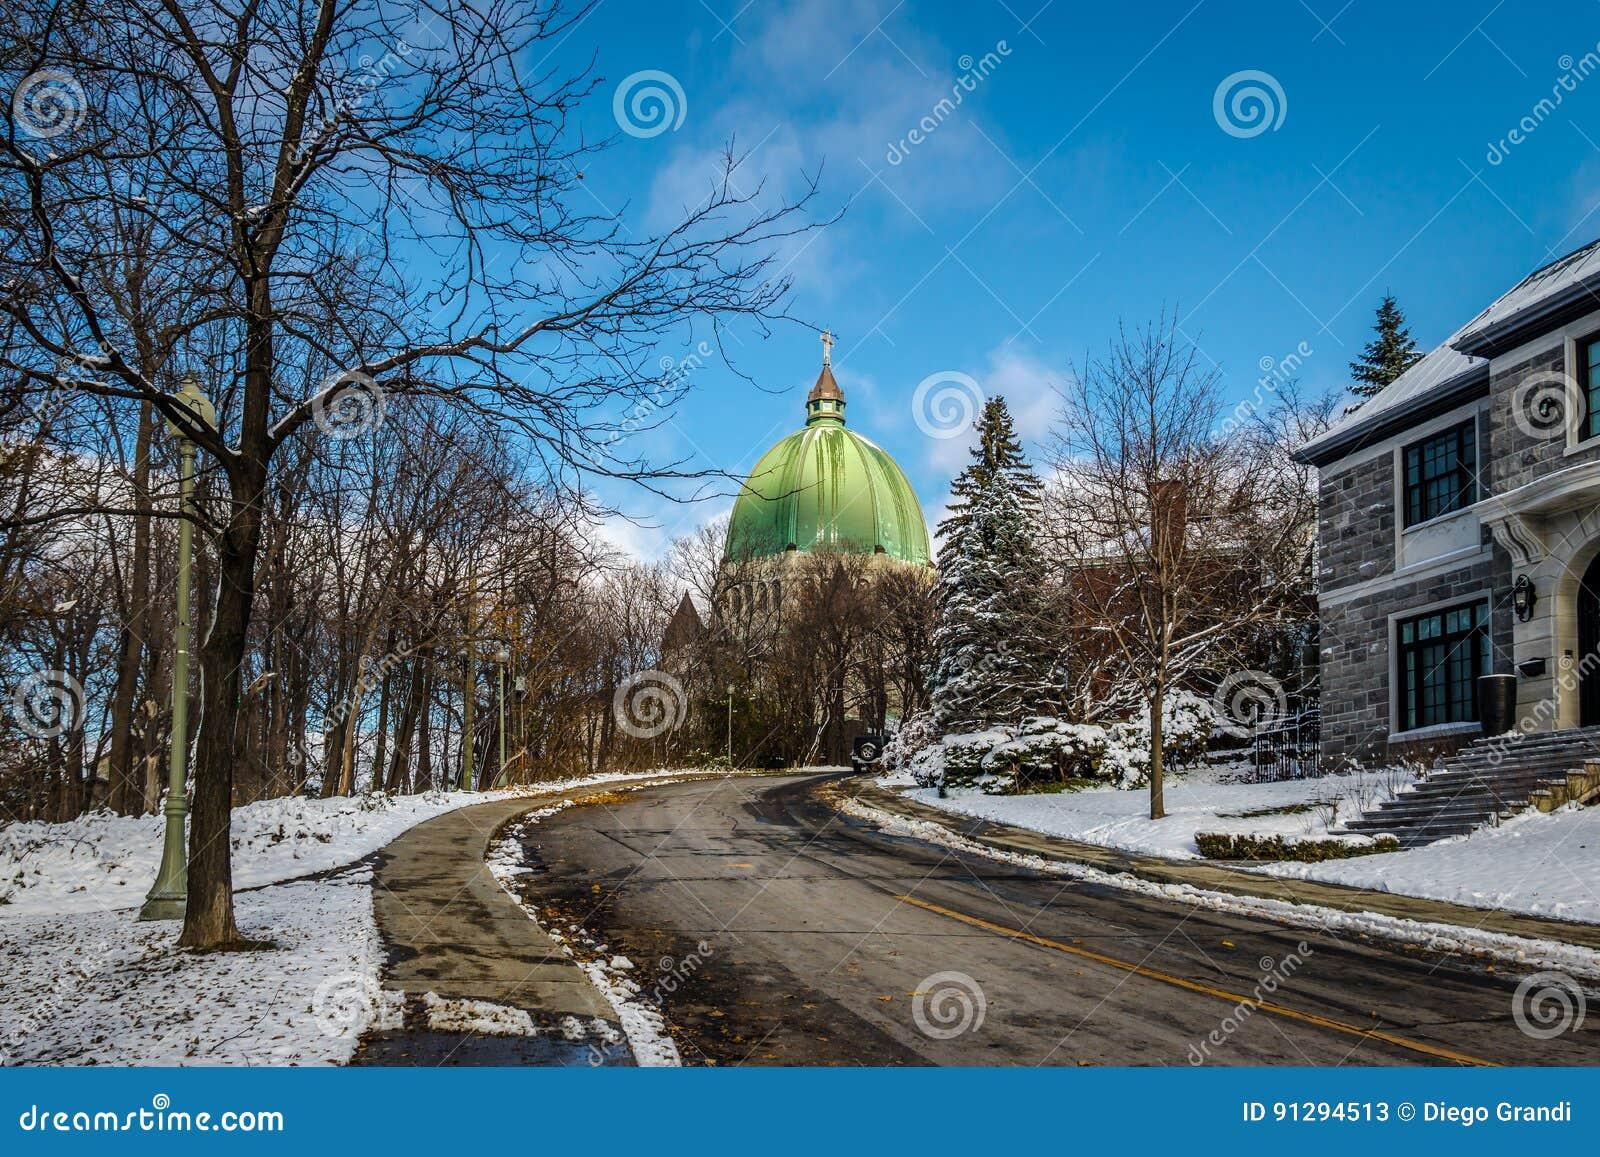 Ulica w Montreal z widokiem świętego Josephs krasomówstwa kopuły - Montreal, Quebec, Kanada